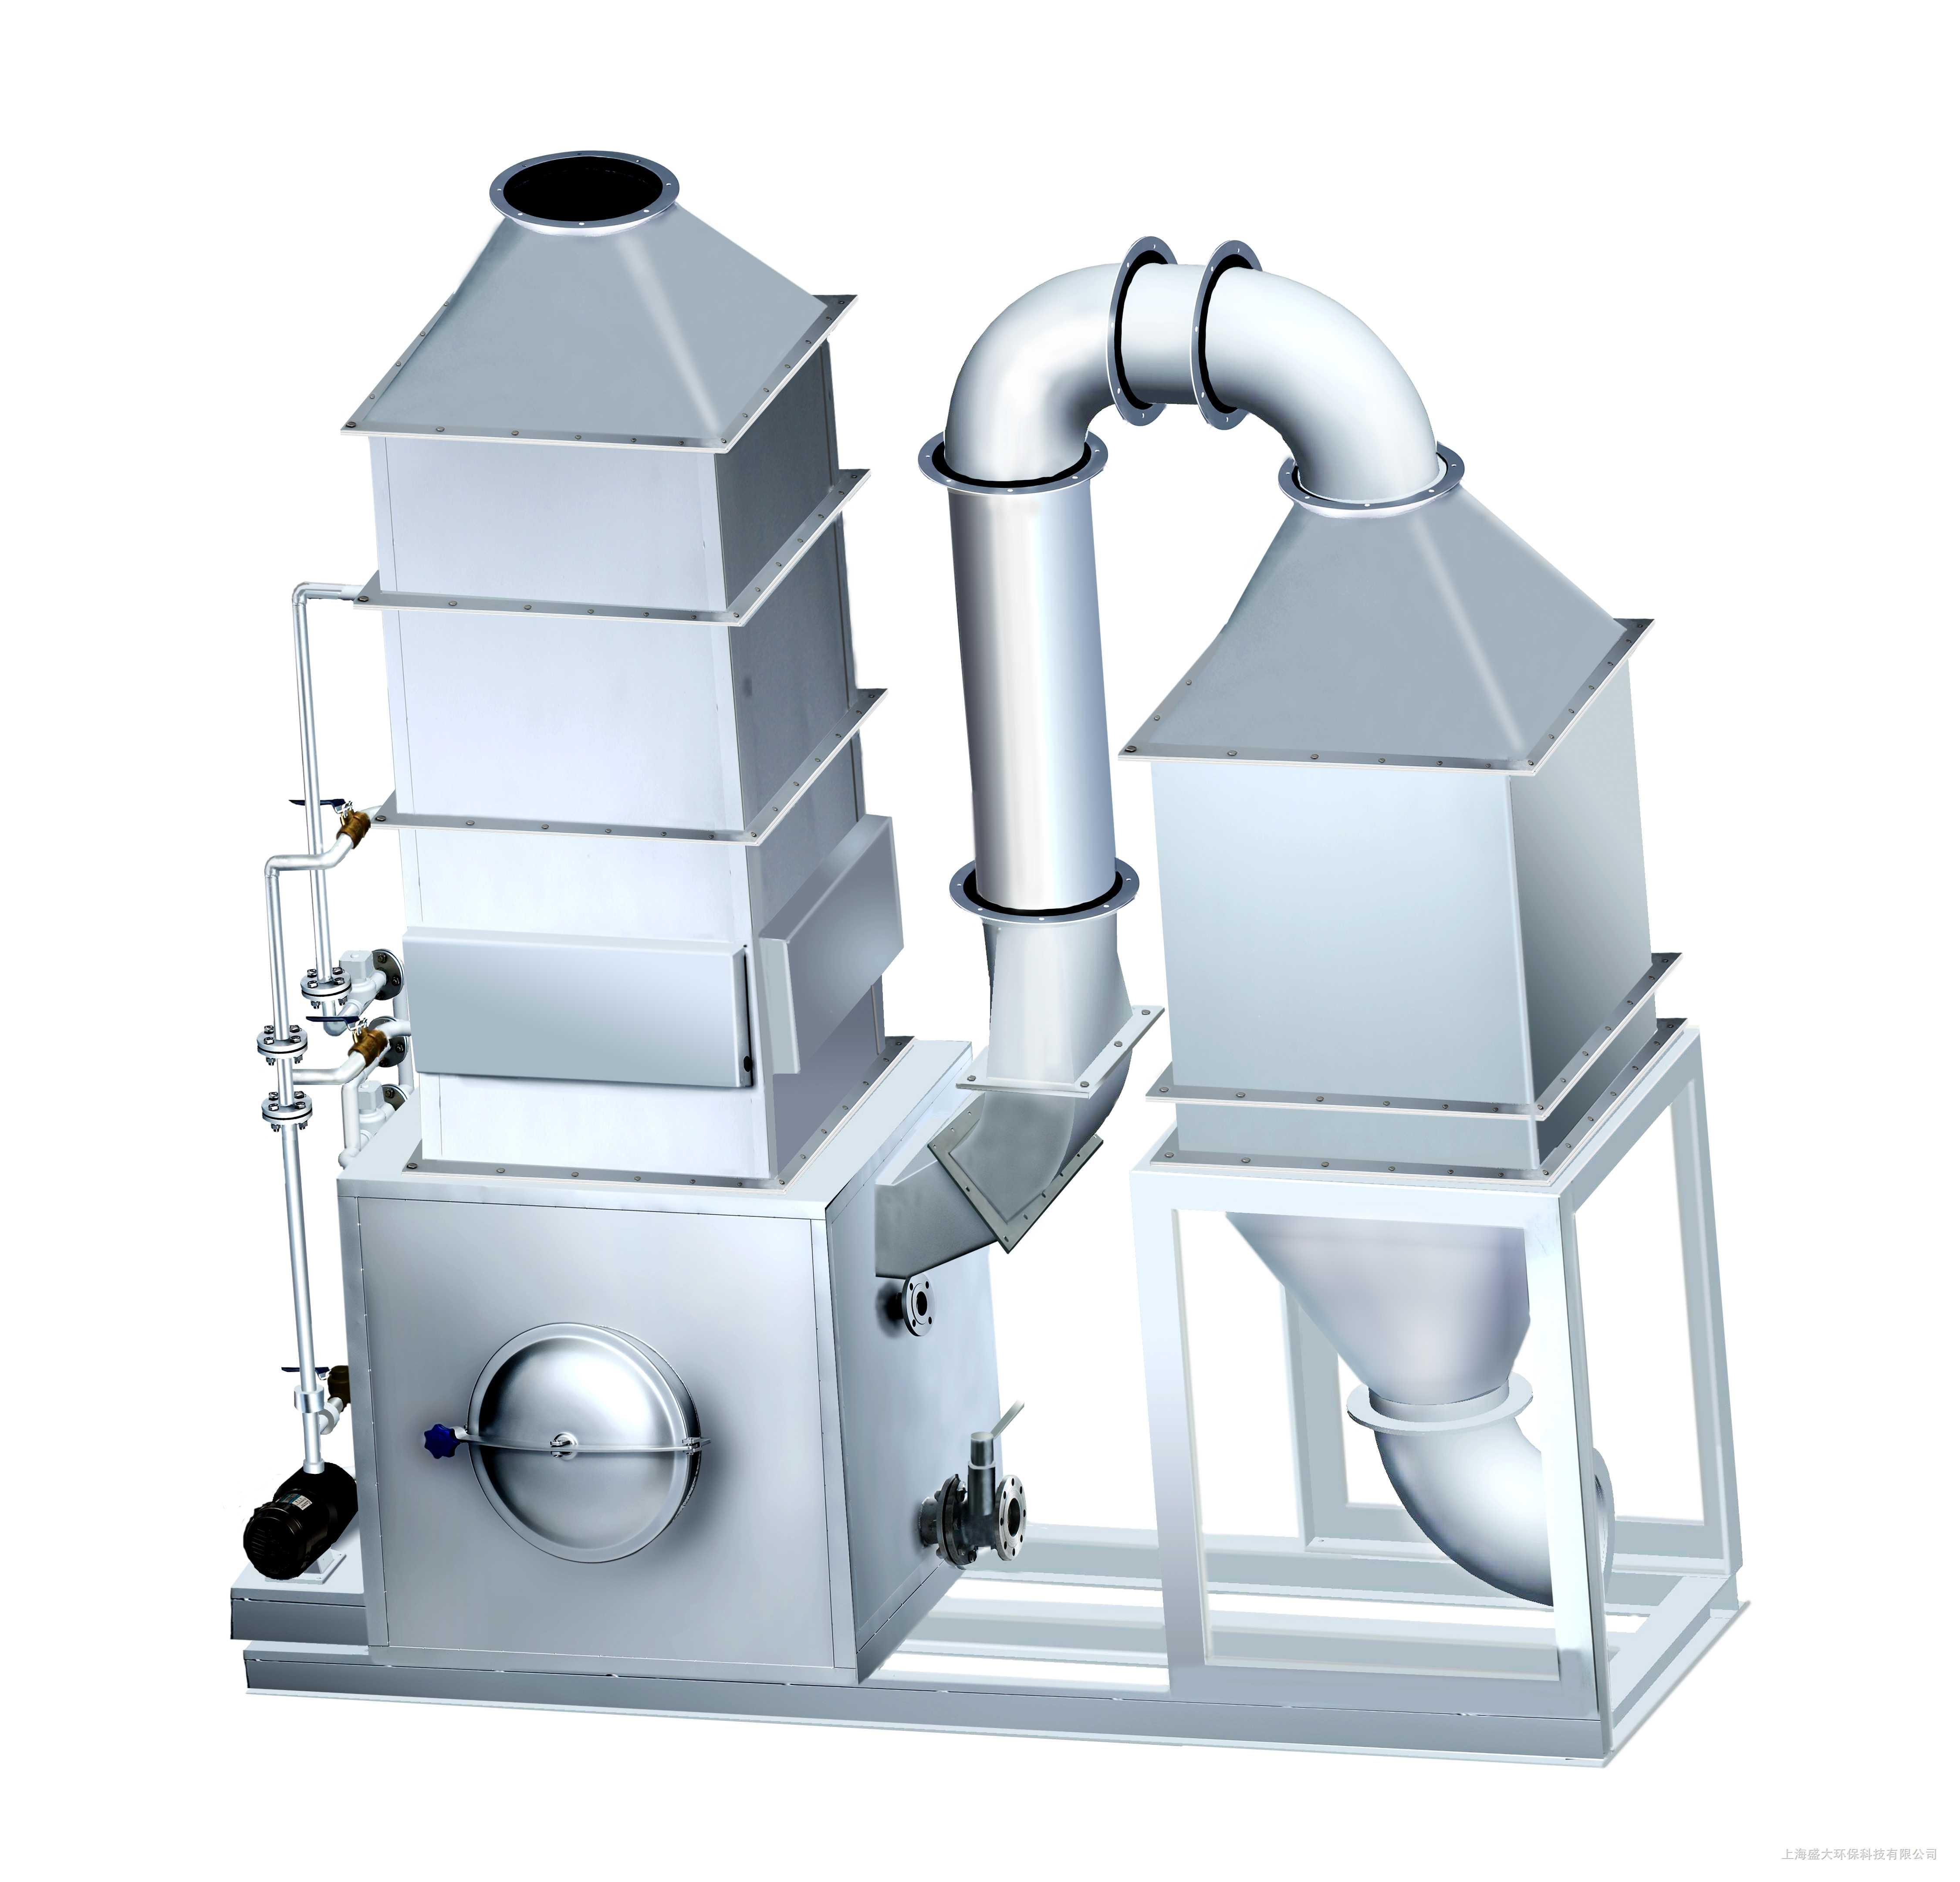 sd-sgp-1 废气处理成套设备 产品报价:¥面议 更新时间:2018-05-15